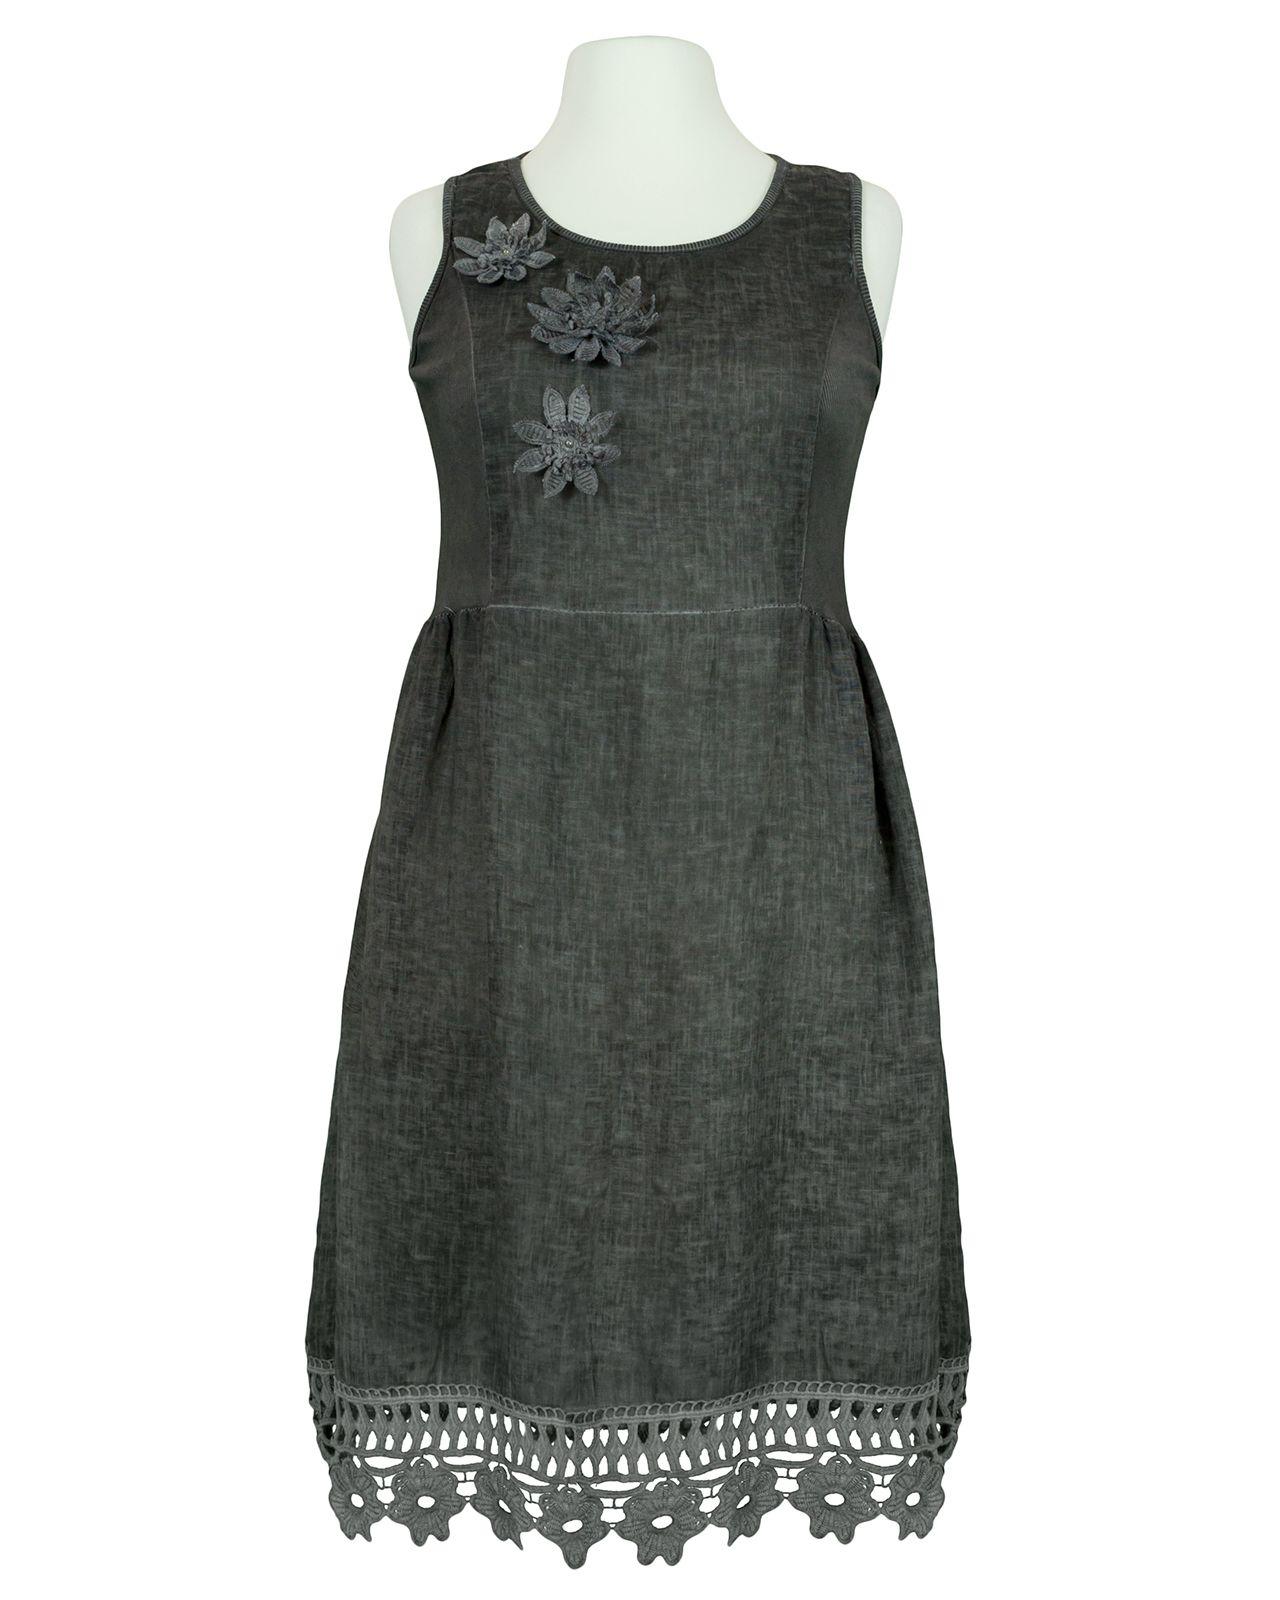 kleid baumwolle mit spitze, grau bei meinkleidchen kaufen